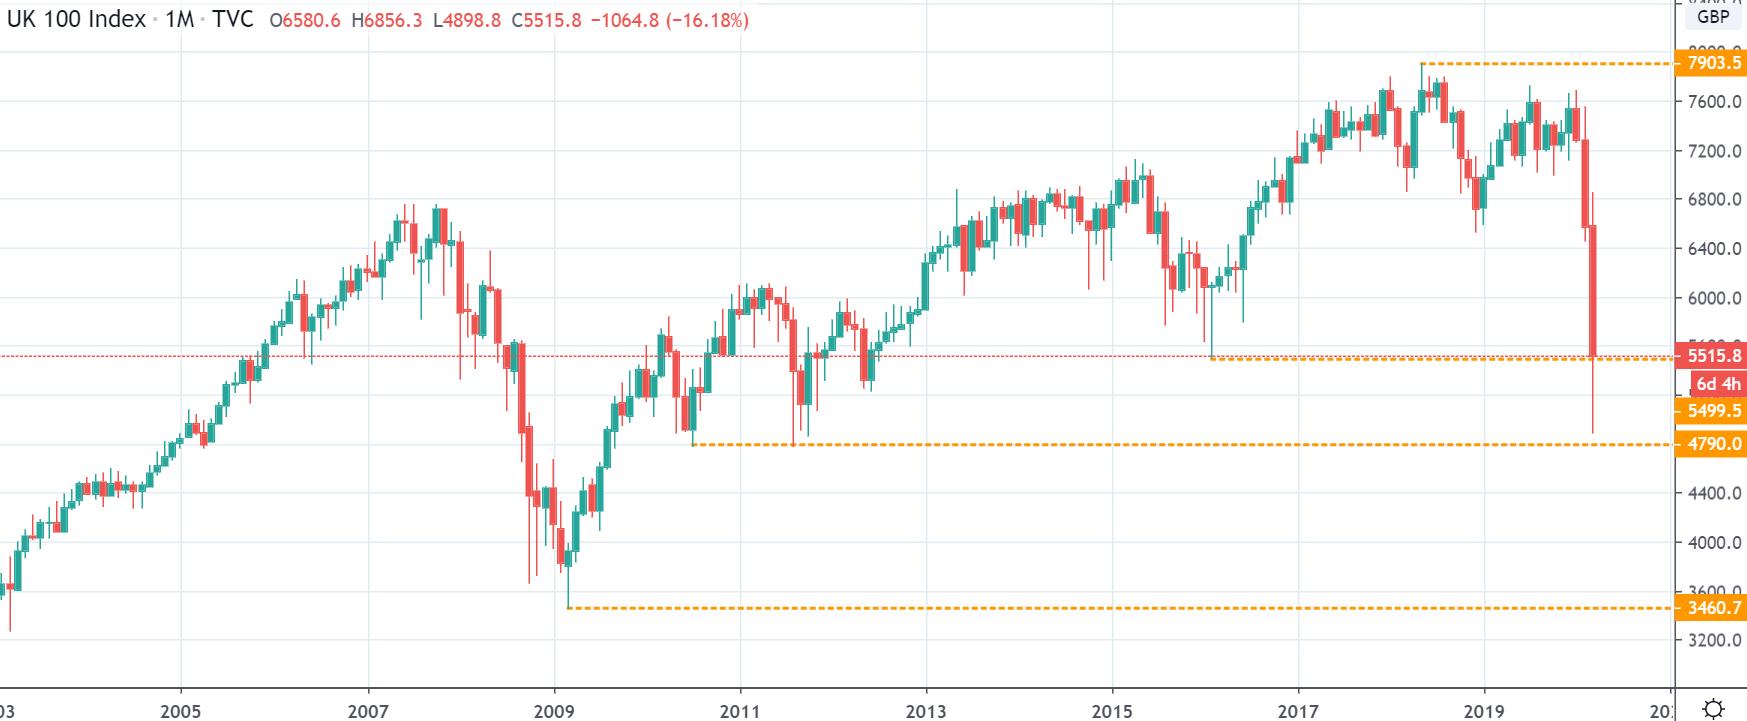 Kurs indeksu FTSE na interwale miesięcznym, tradingviewcom